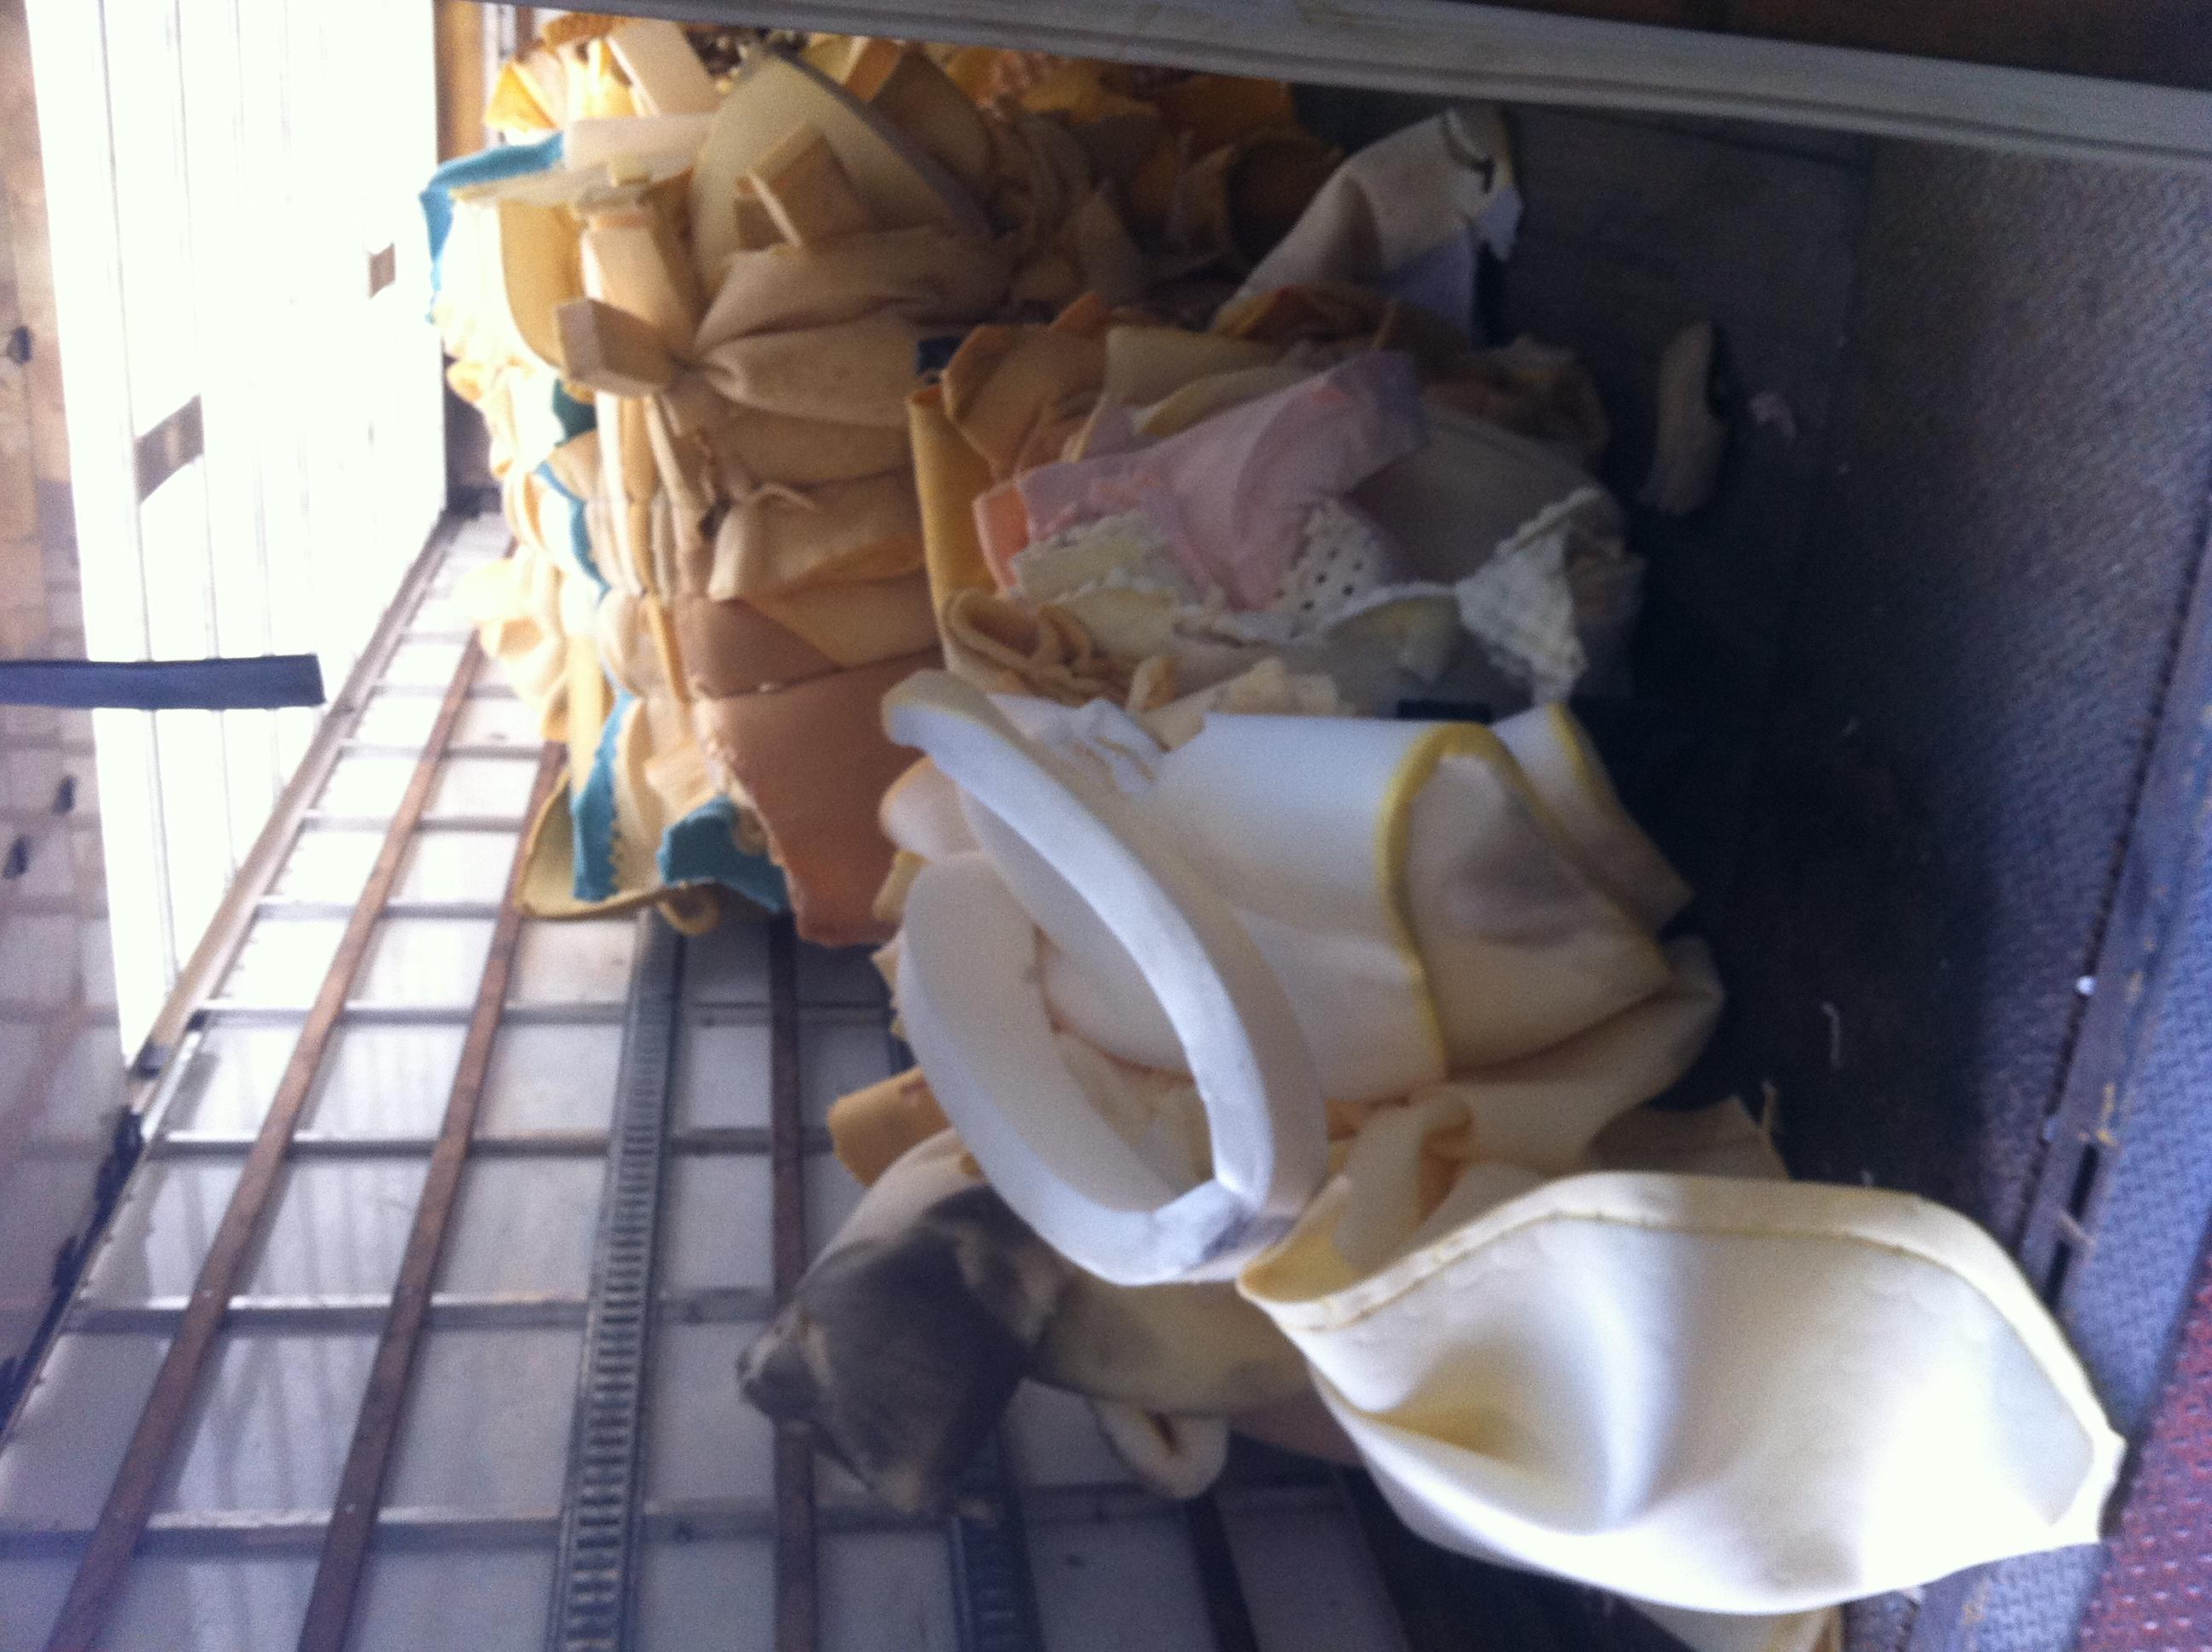 Truck full of Mattress Foam